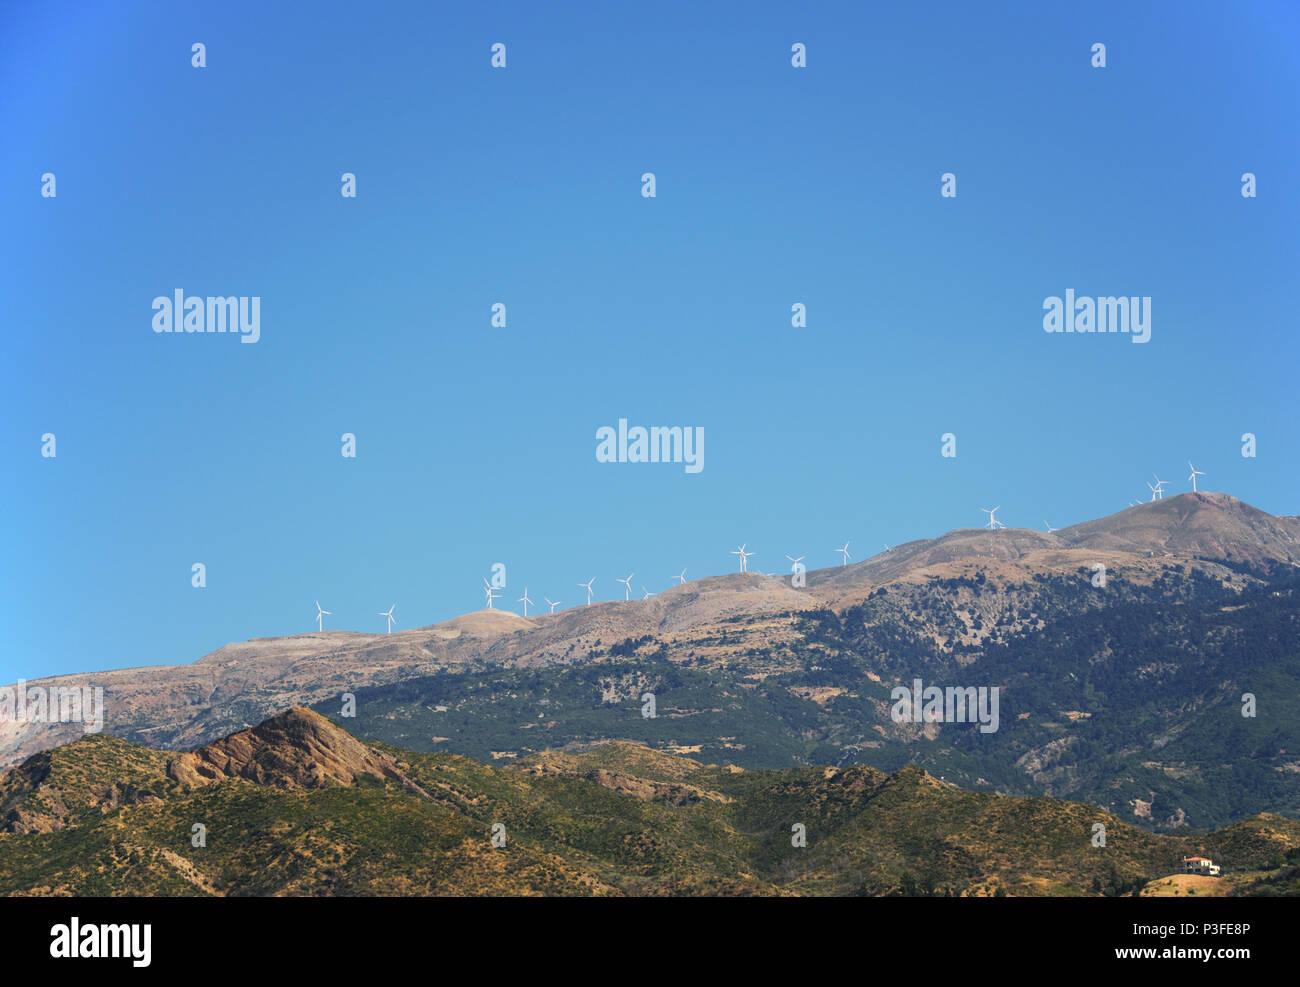 Mountain Linie mit Windkraftanlagen in Griechenland Stockbild